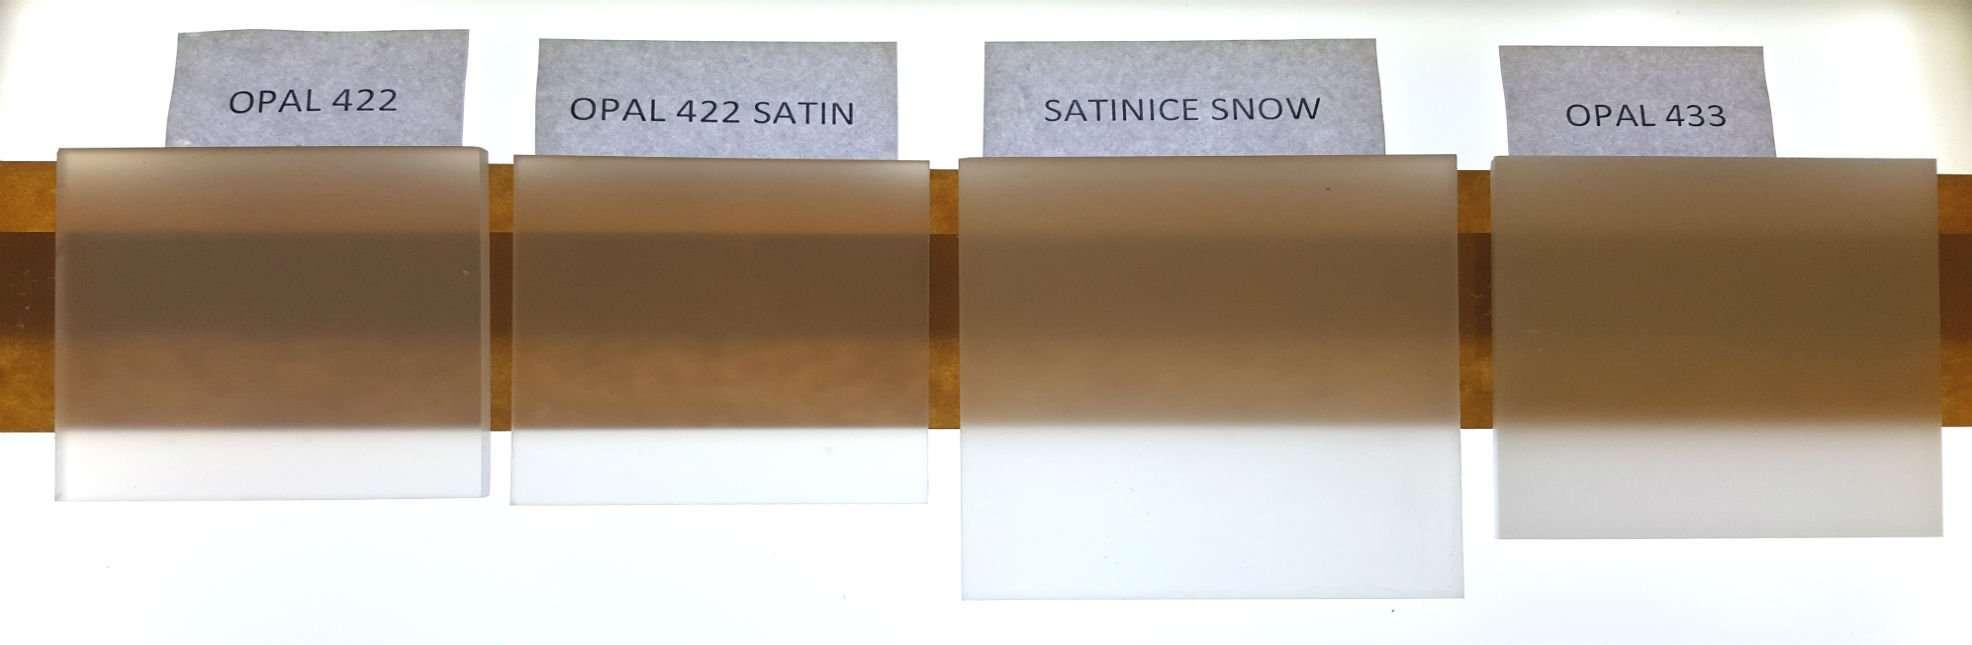 Material Comparison